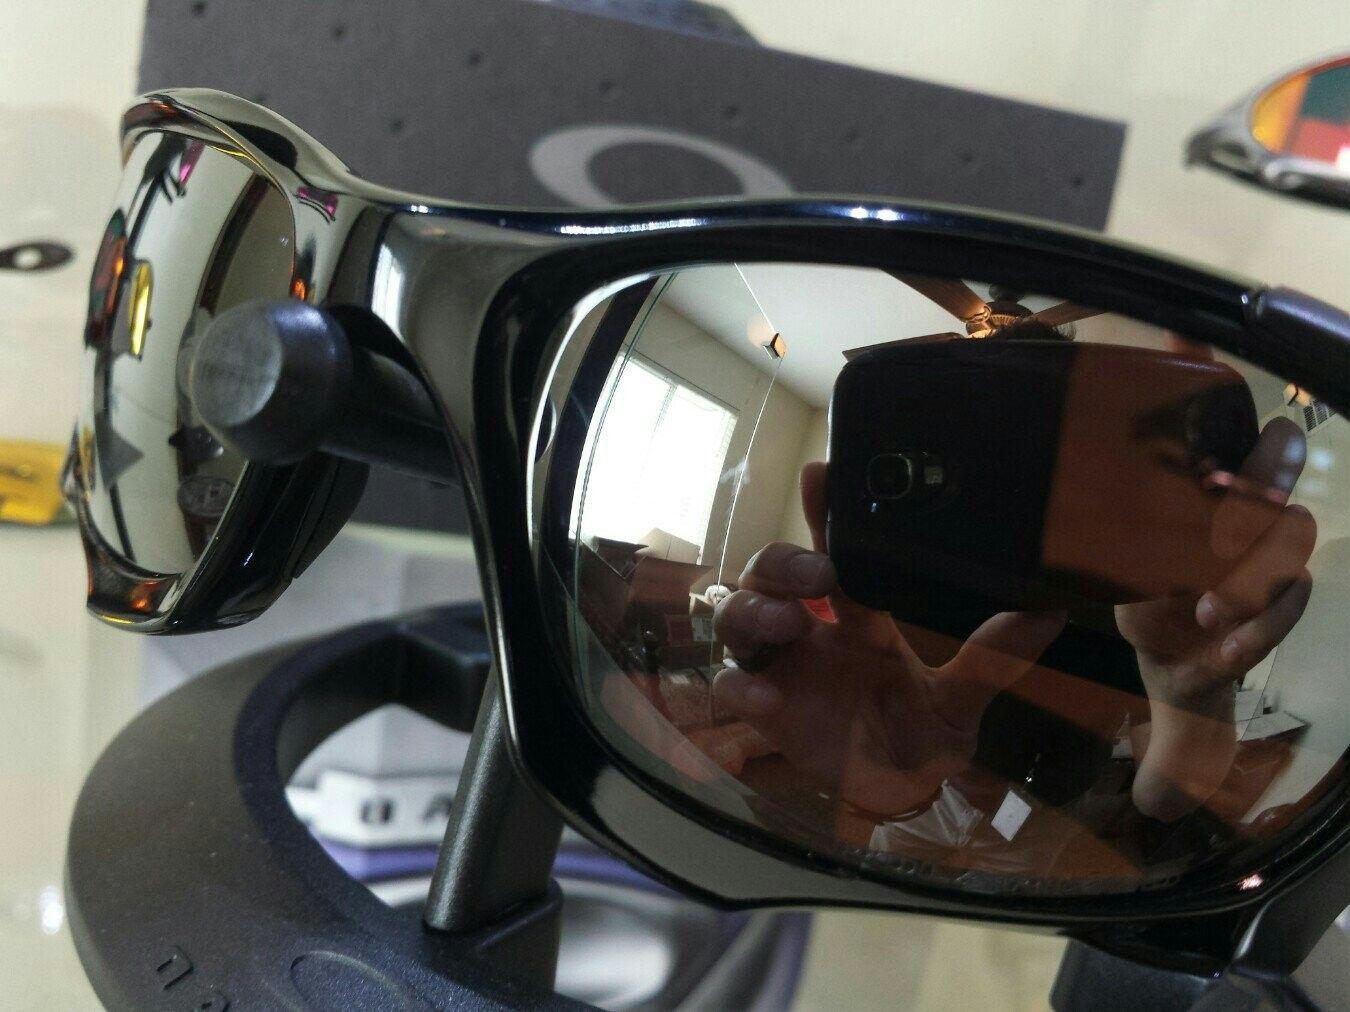 Oakley Pit Boss II - $275 - a3yqymuz.jpg